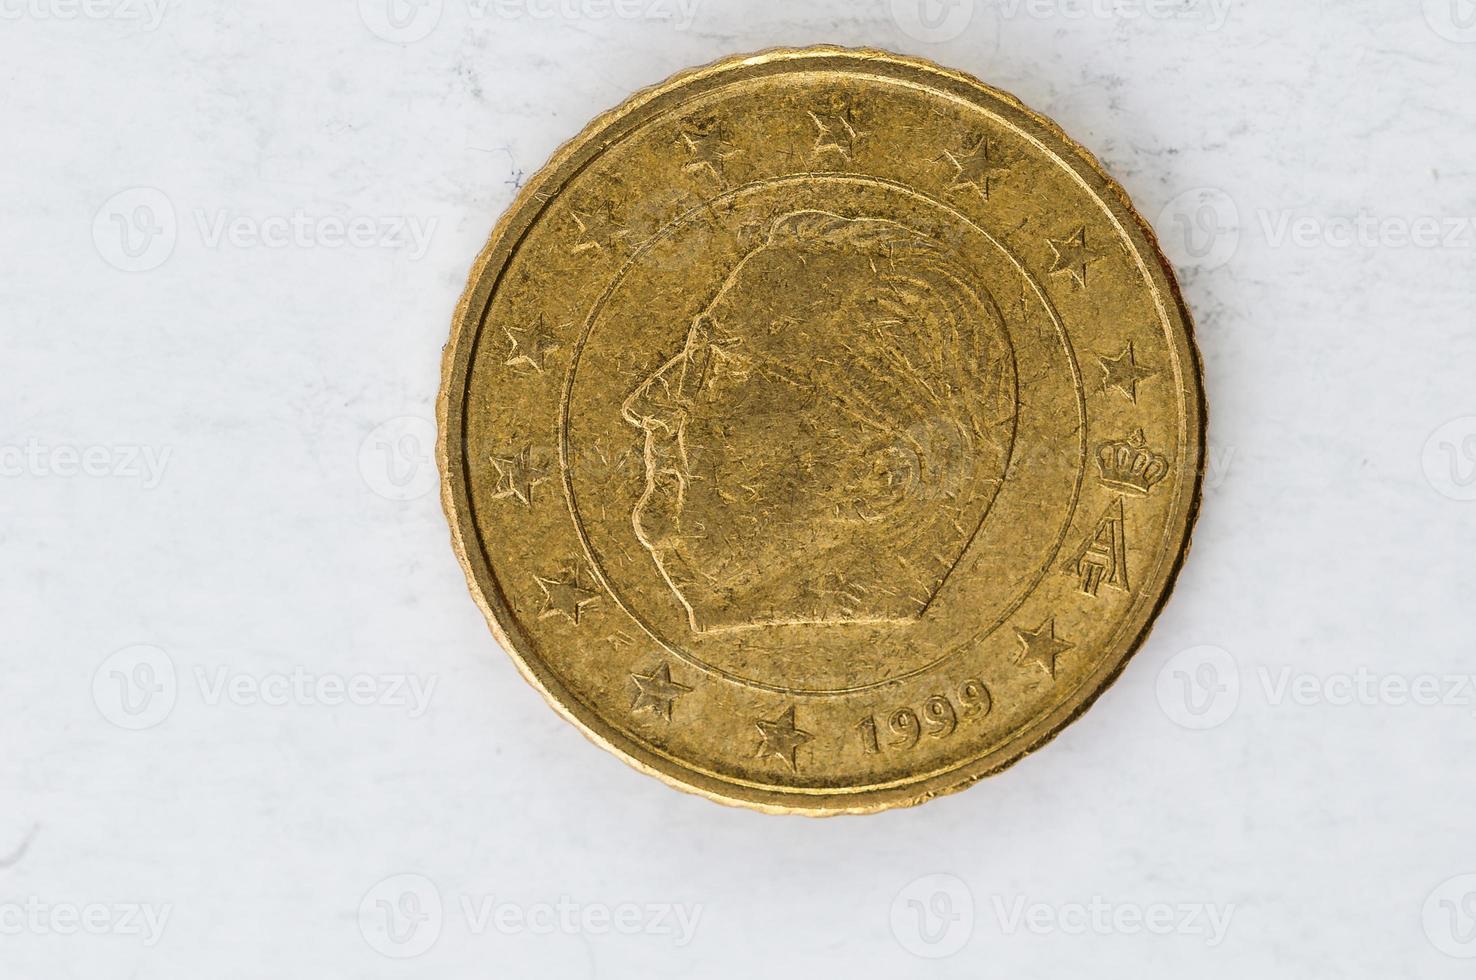 Pièce de 50 centimes d'euro avec face arrière utilisée en Belgique photo